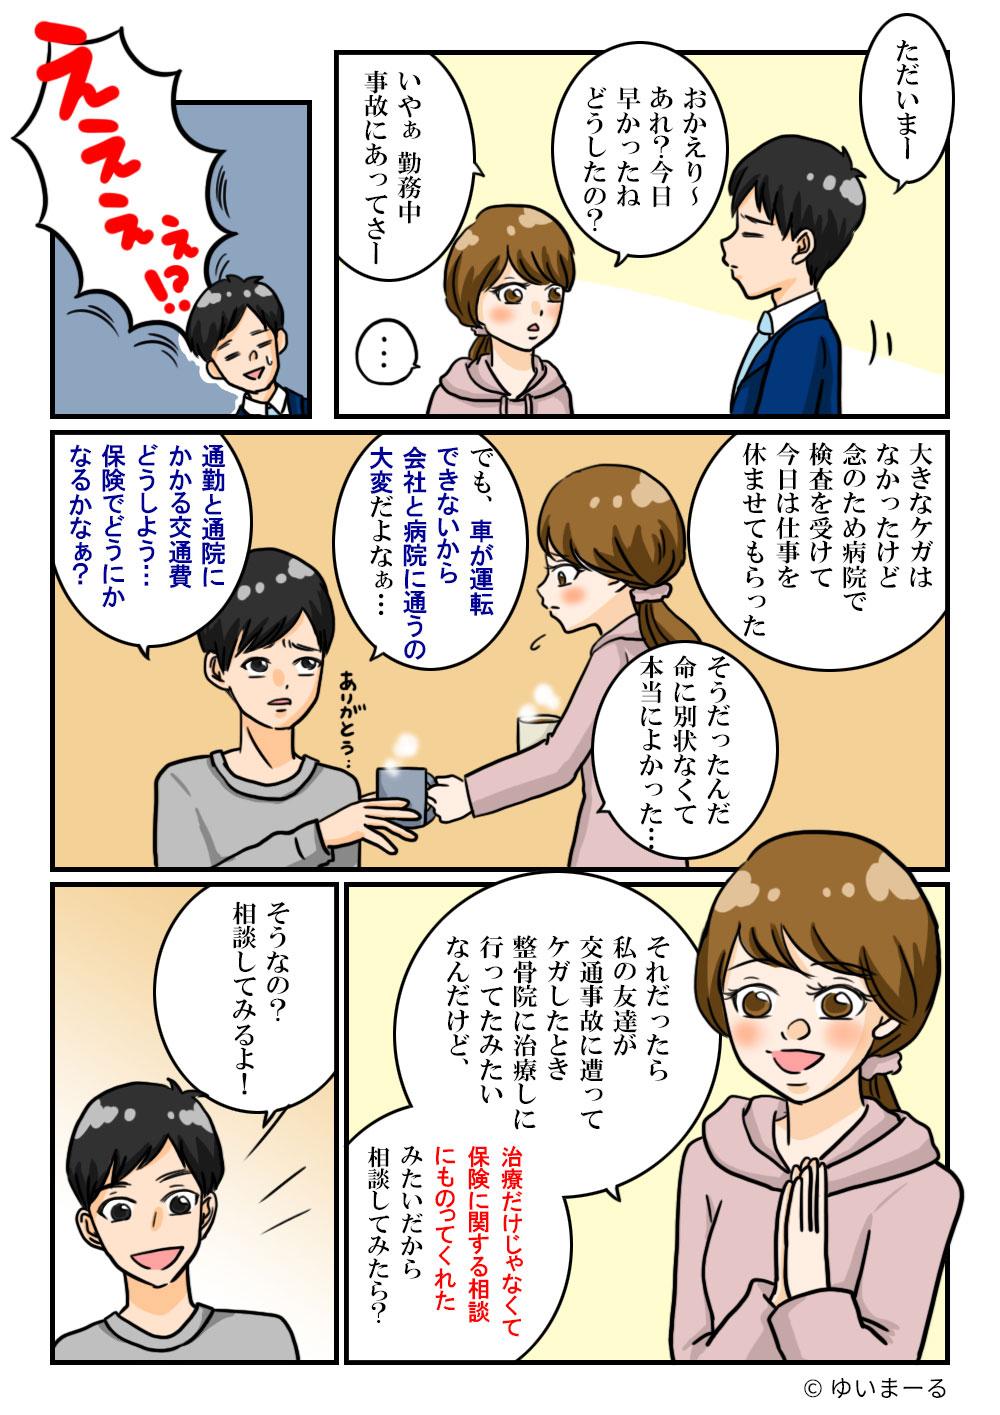 漫画5-2